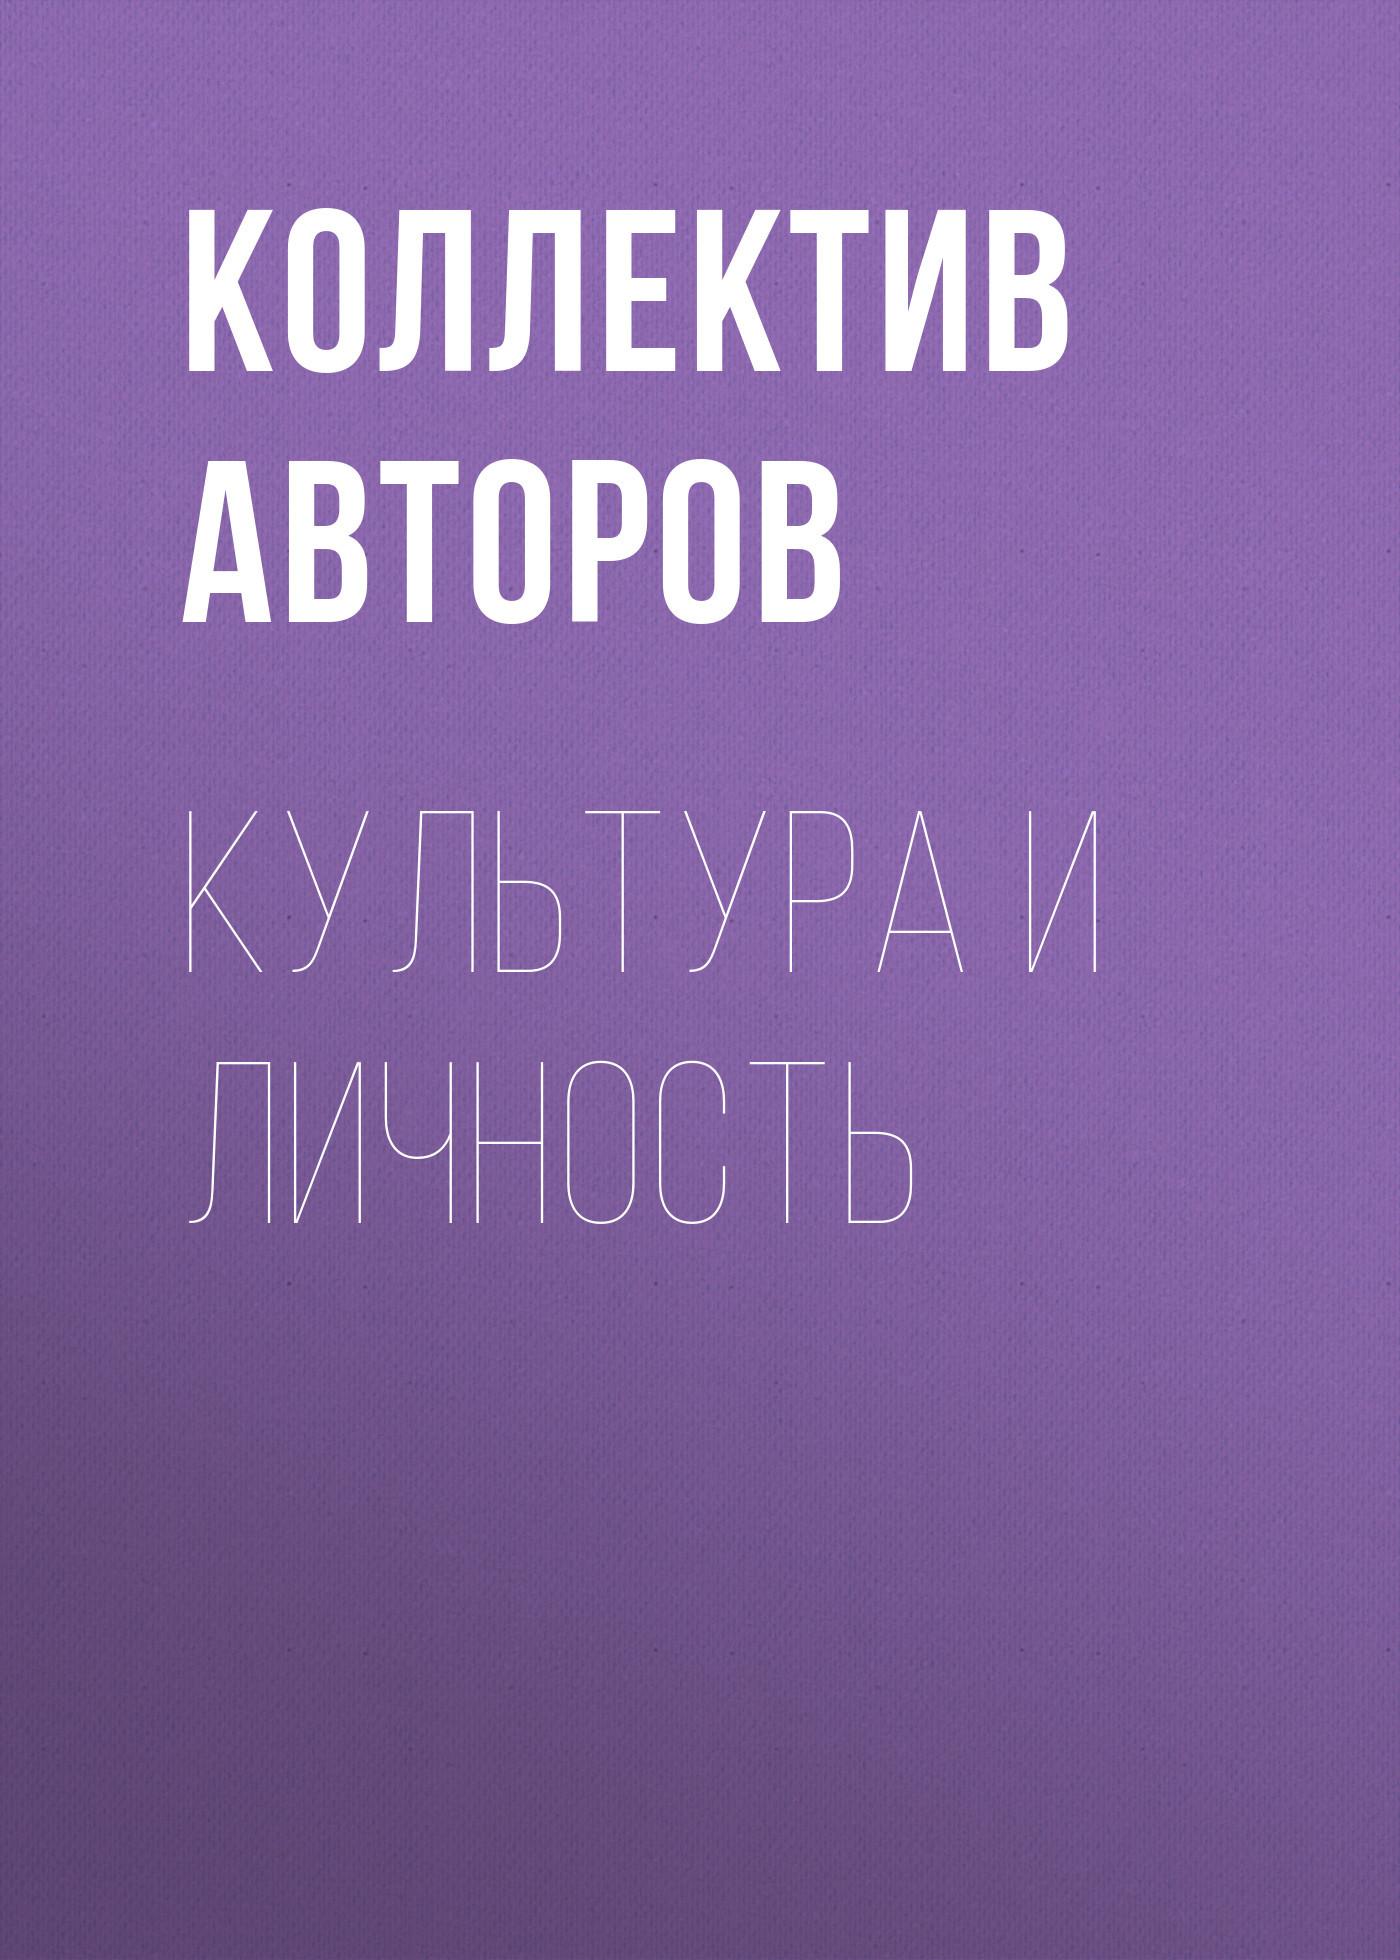 Коллектив авторов Культура и личность лизинский в темы классных часов и проблемы для обсуждения isbn 9785915690447